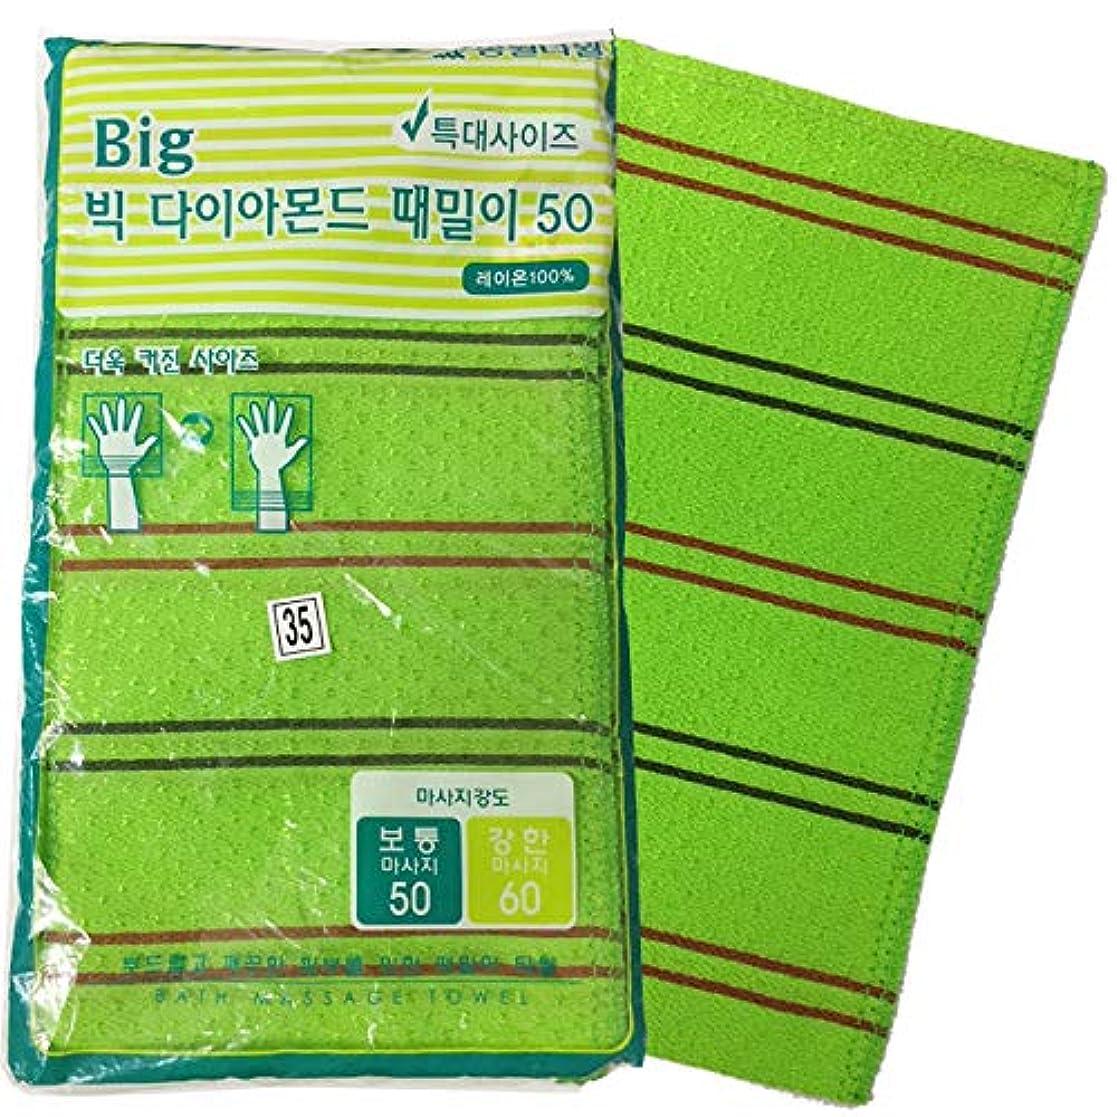 に関してブランド名満員10枚入り 韓国式アカスリタオル プロ仕様 サイズ:14X24Cm あかすりタオル